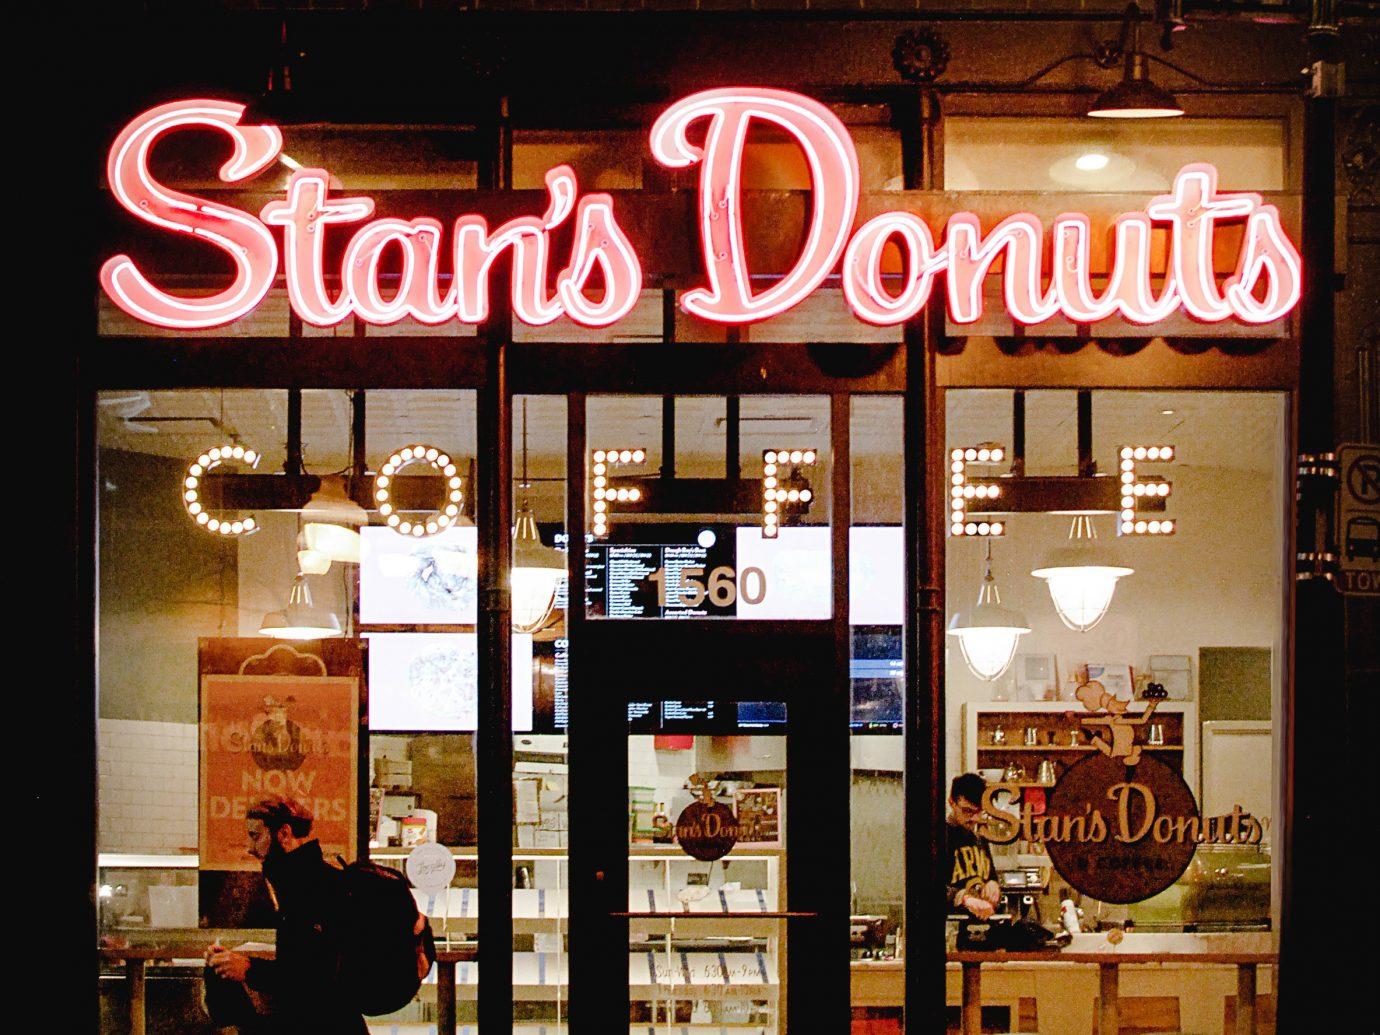 Arts + Culture Food + Drink Hotels Weekend Getaways outdoor sign night display window window City neon street facade Shop store restaurant